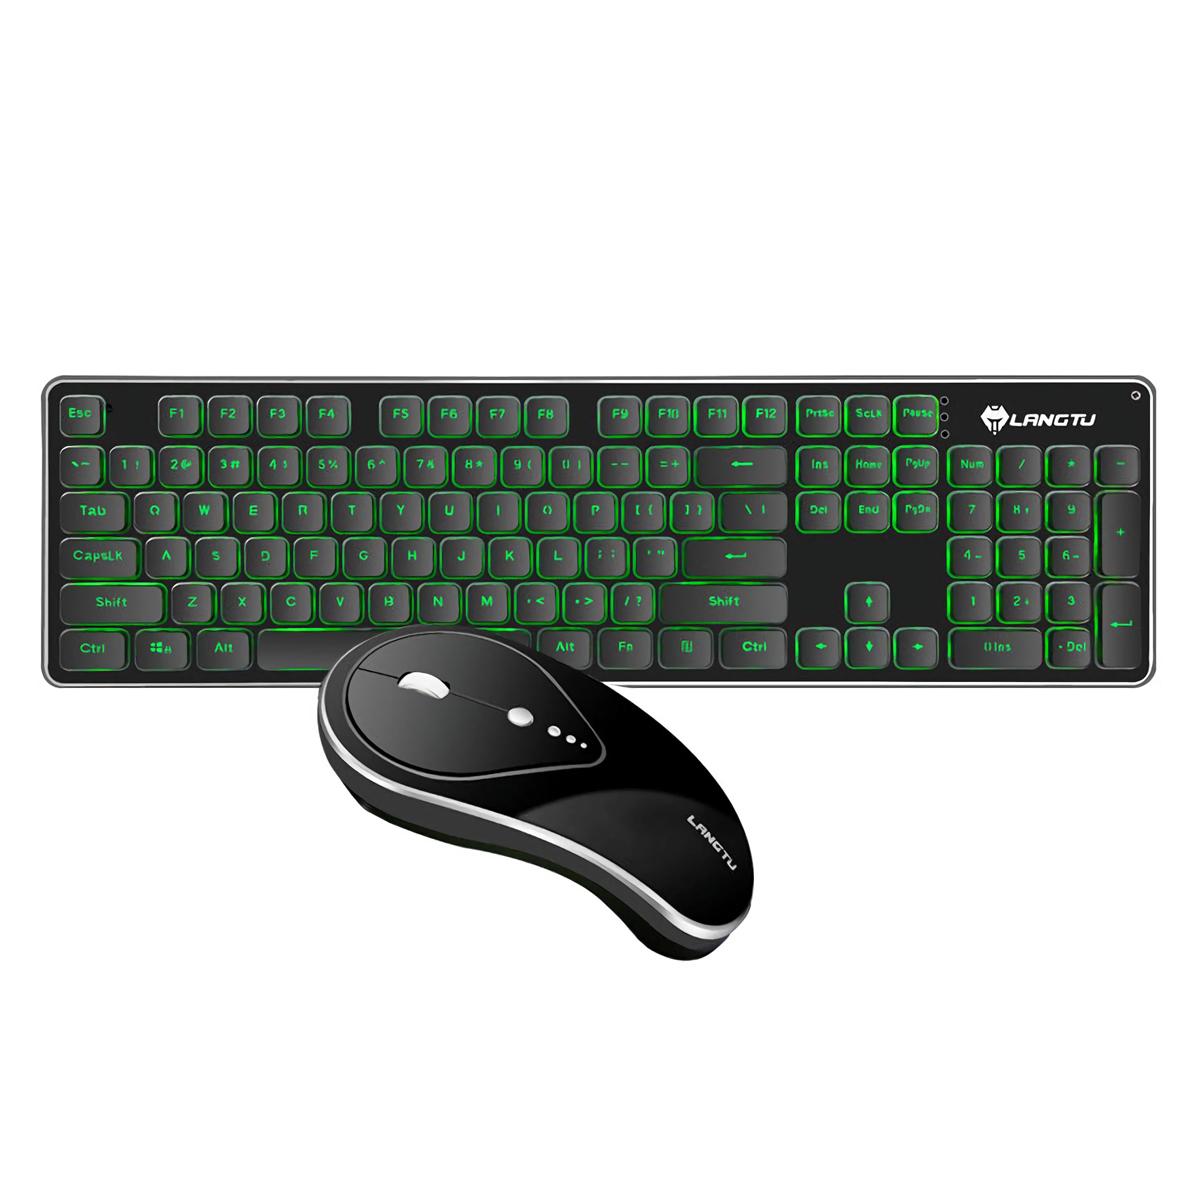 silent 2 4ghz wireless backlit keyboard and mouse combo set for desktop computer laptops. Black Bedroom Furniture Sets. Home Design Ideas